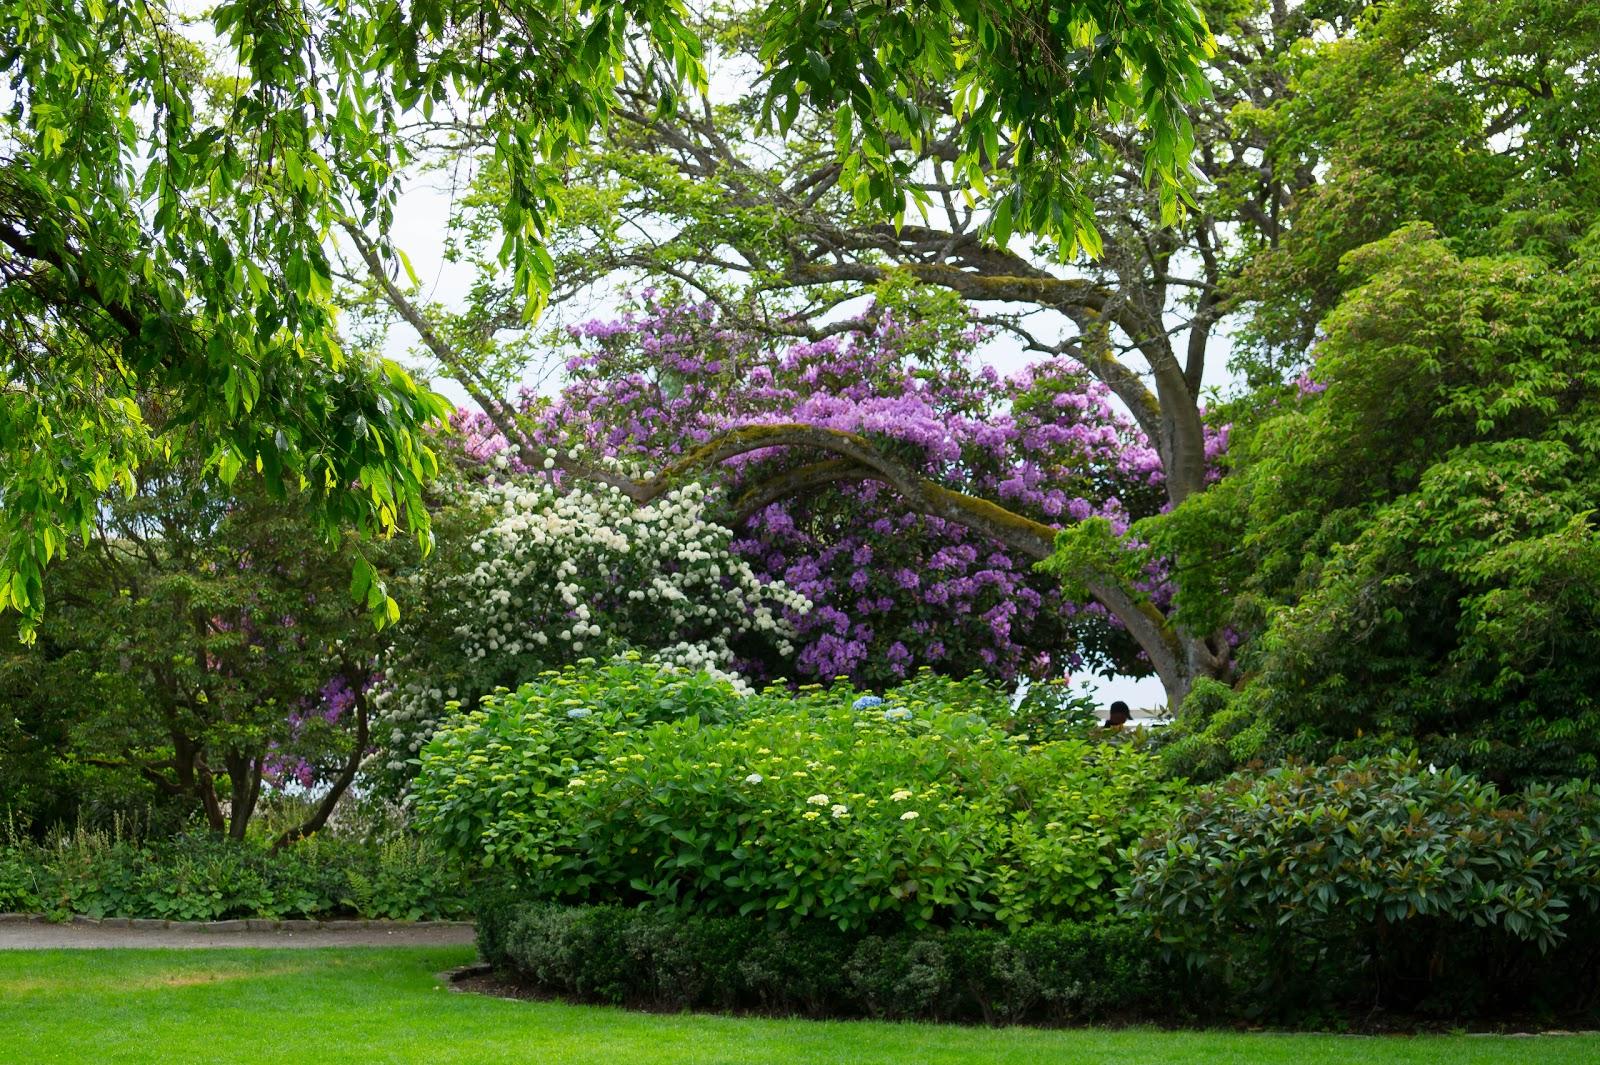 Формально это был частный сад принадлежавший горожанину Реджинальду Парсон. После его смерти в 1956 году его дети подарили сады городу